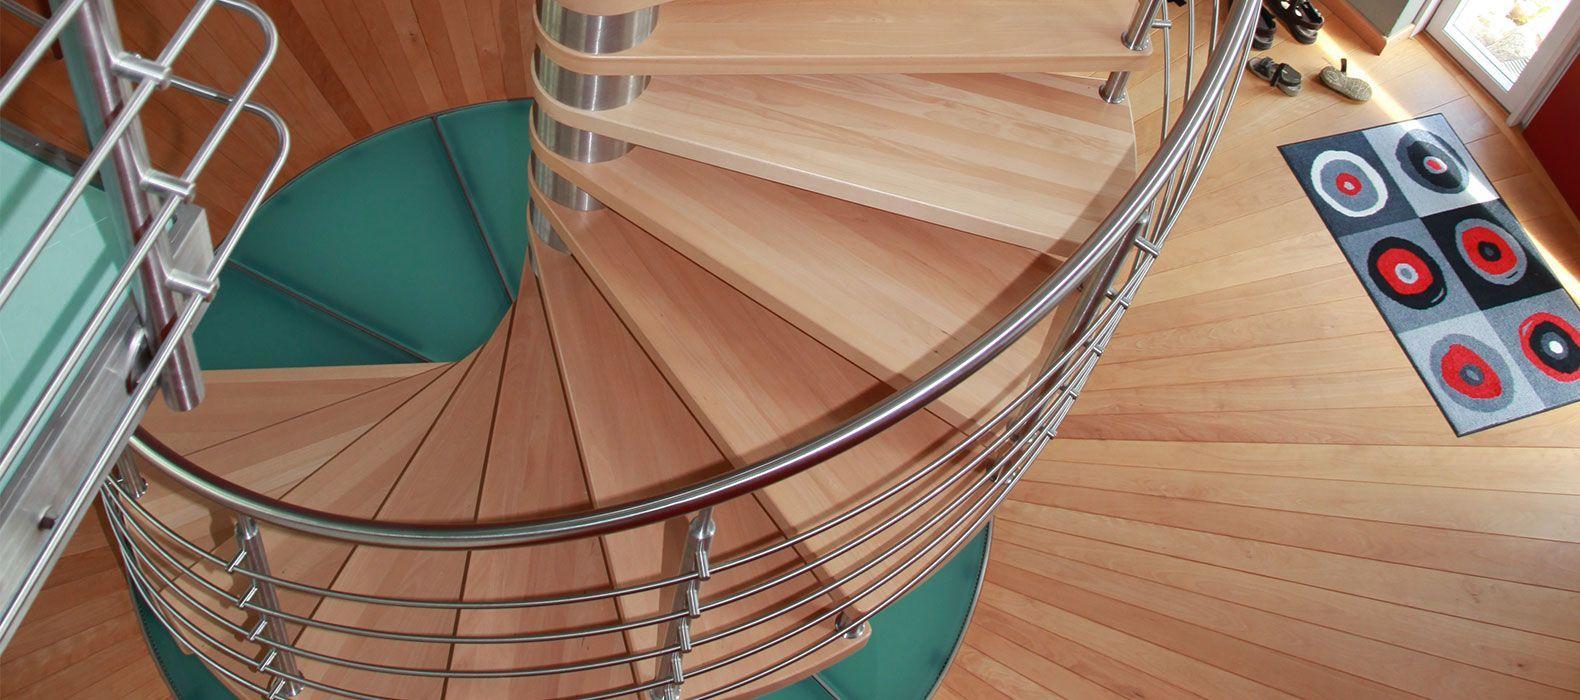 faltwerktreppe von fhs treppen - treppenhersteller für fachkunden